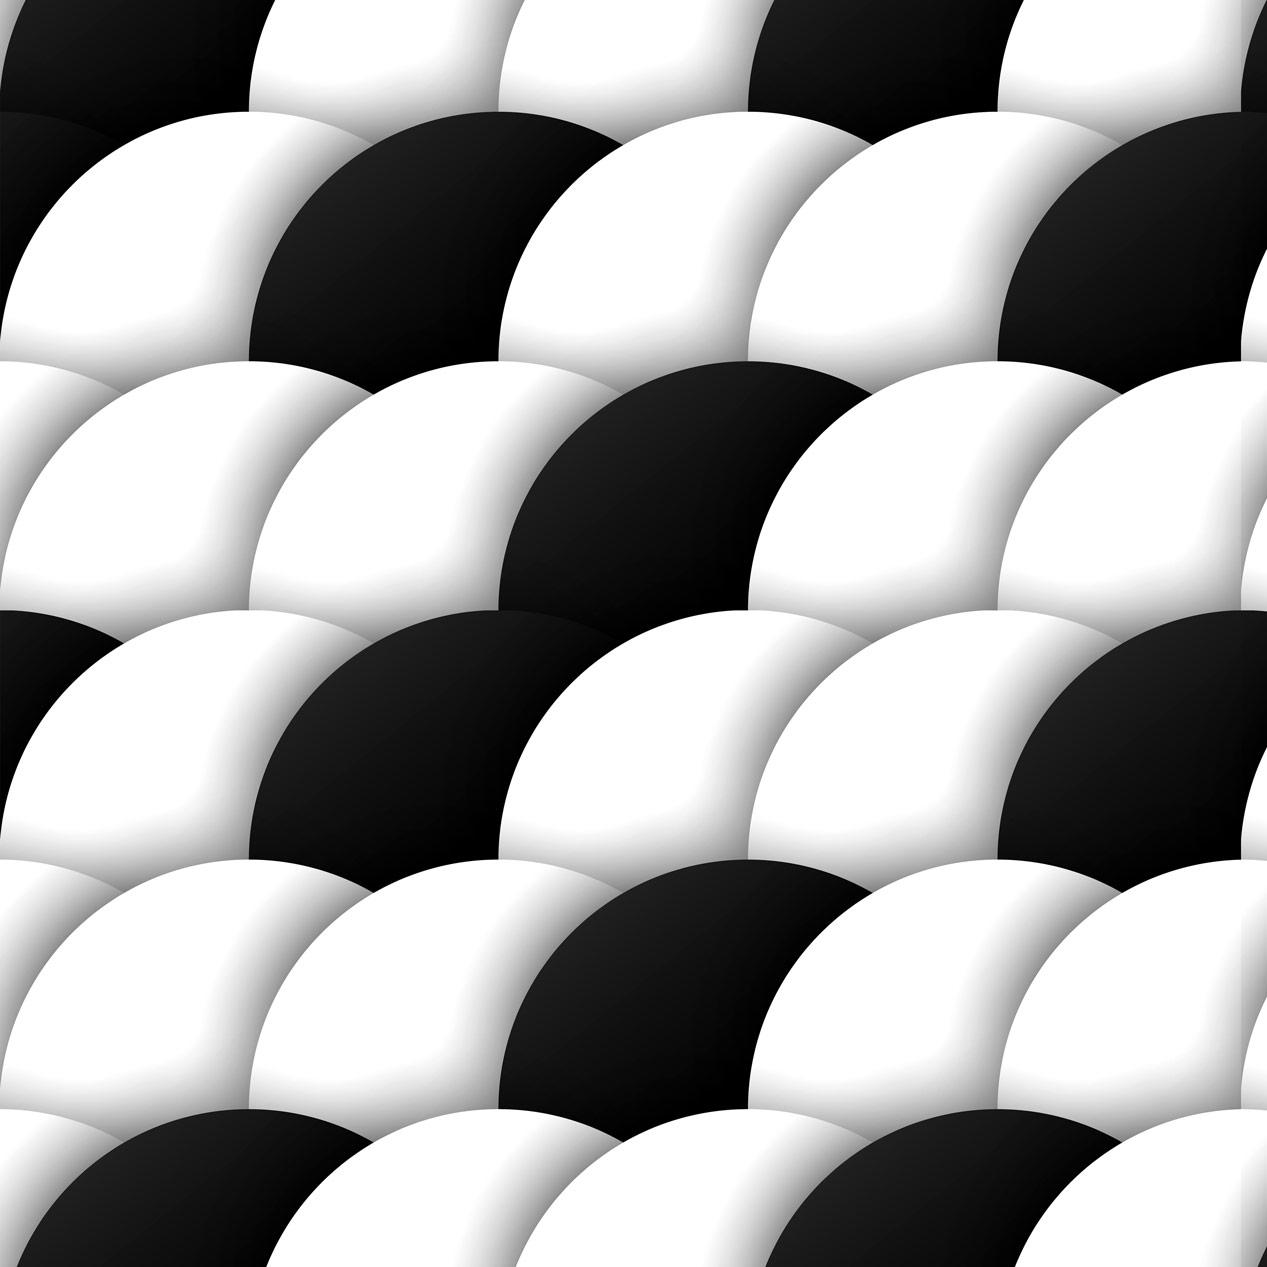 Papel de Parede Geométrico Bolas Branco e Preto